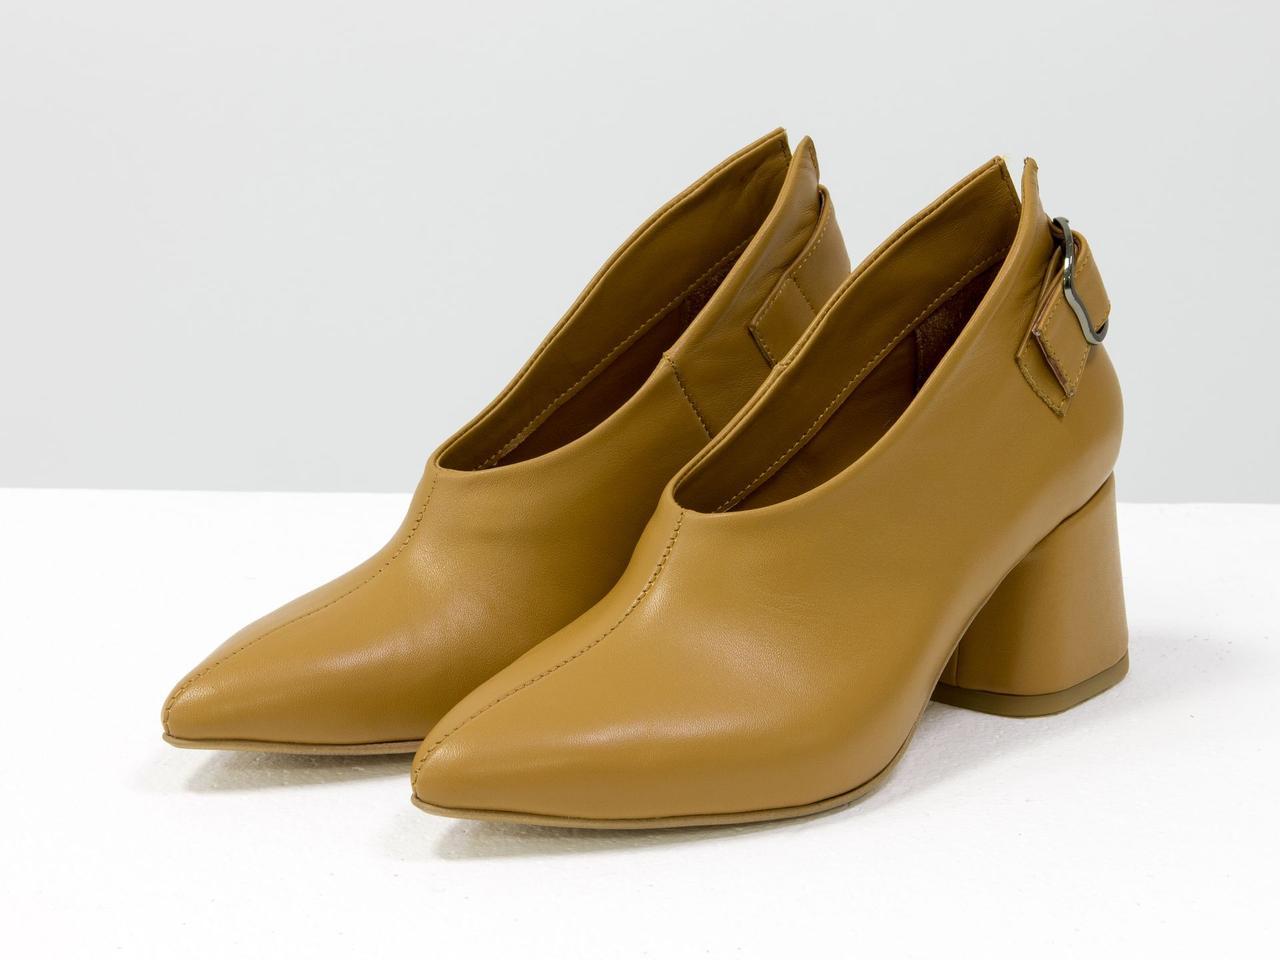 Туфли табачного цвета женские кожаные закрытые на среднем каблуке с пряжкой